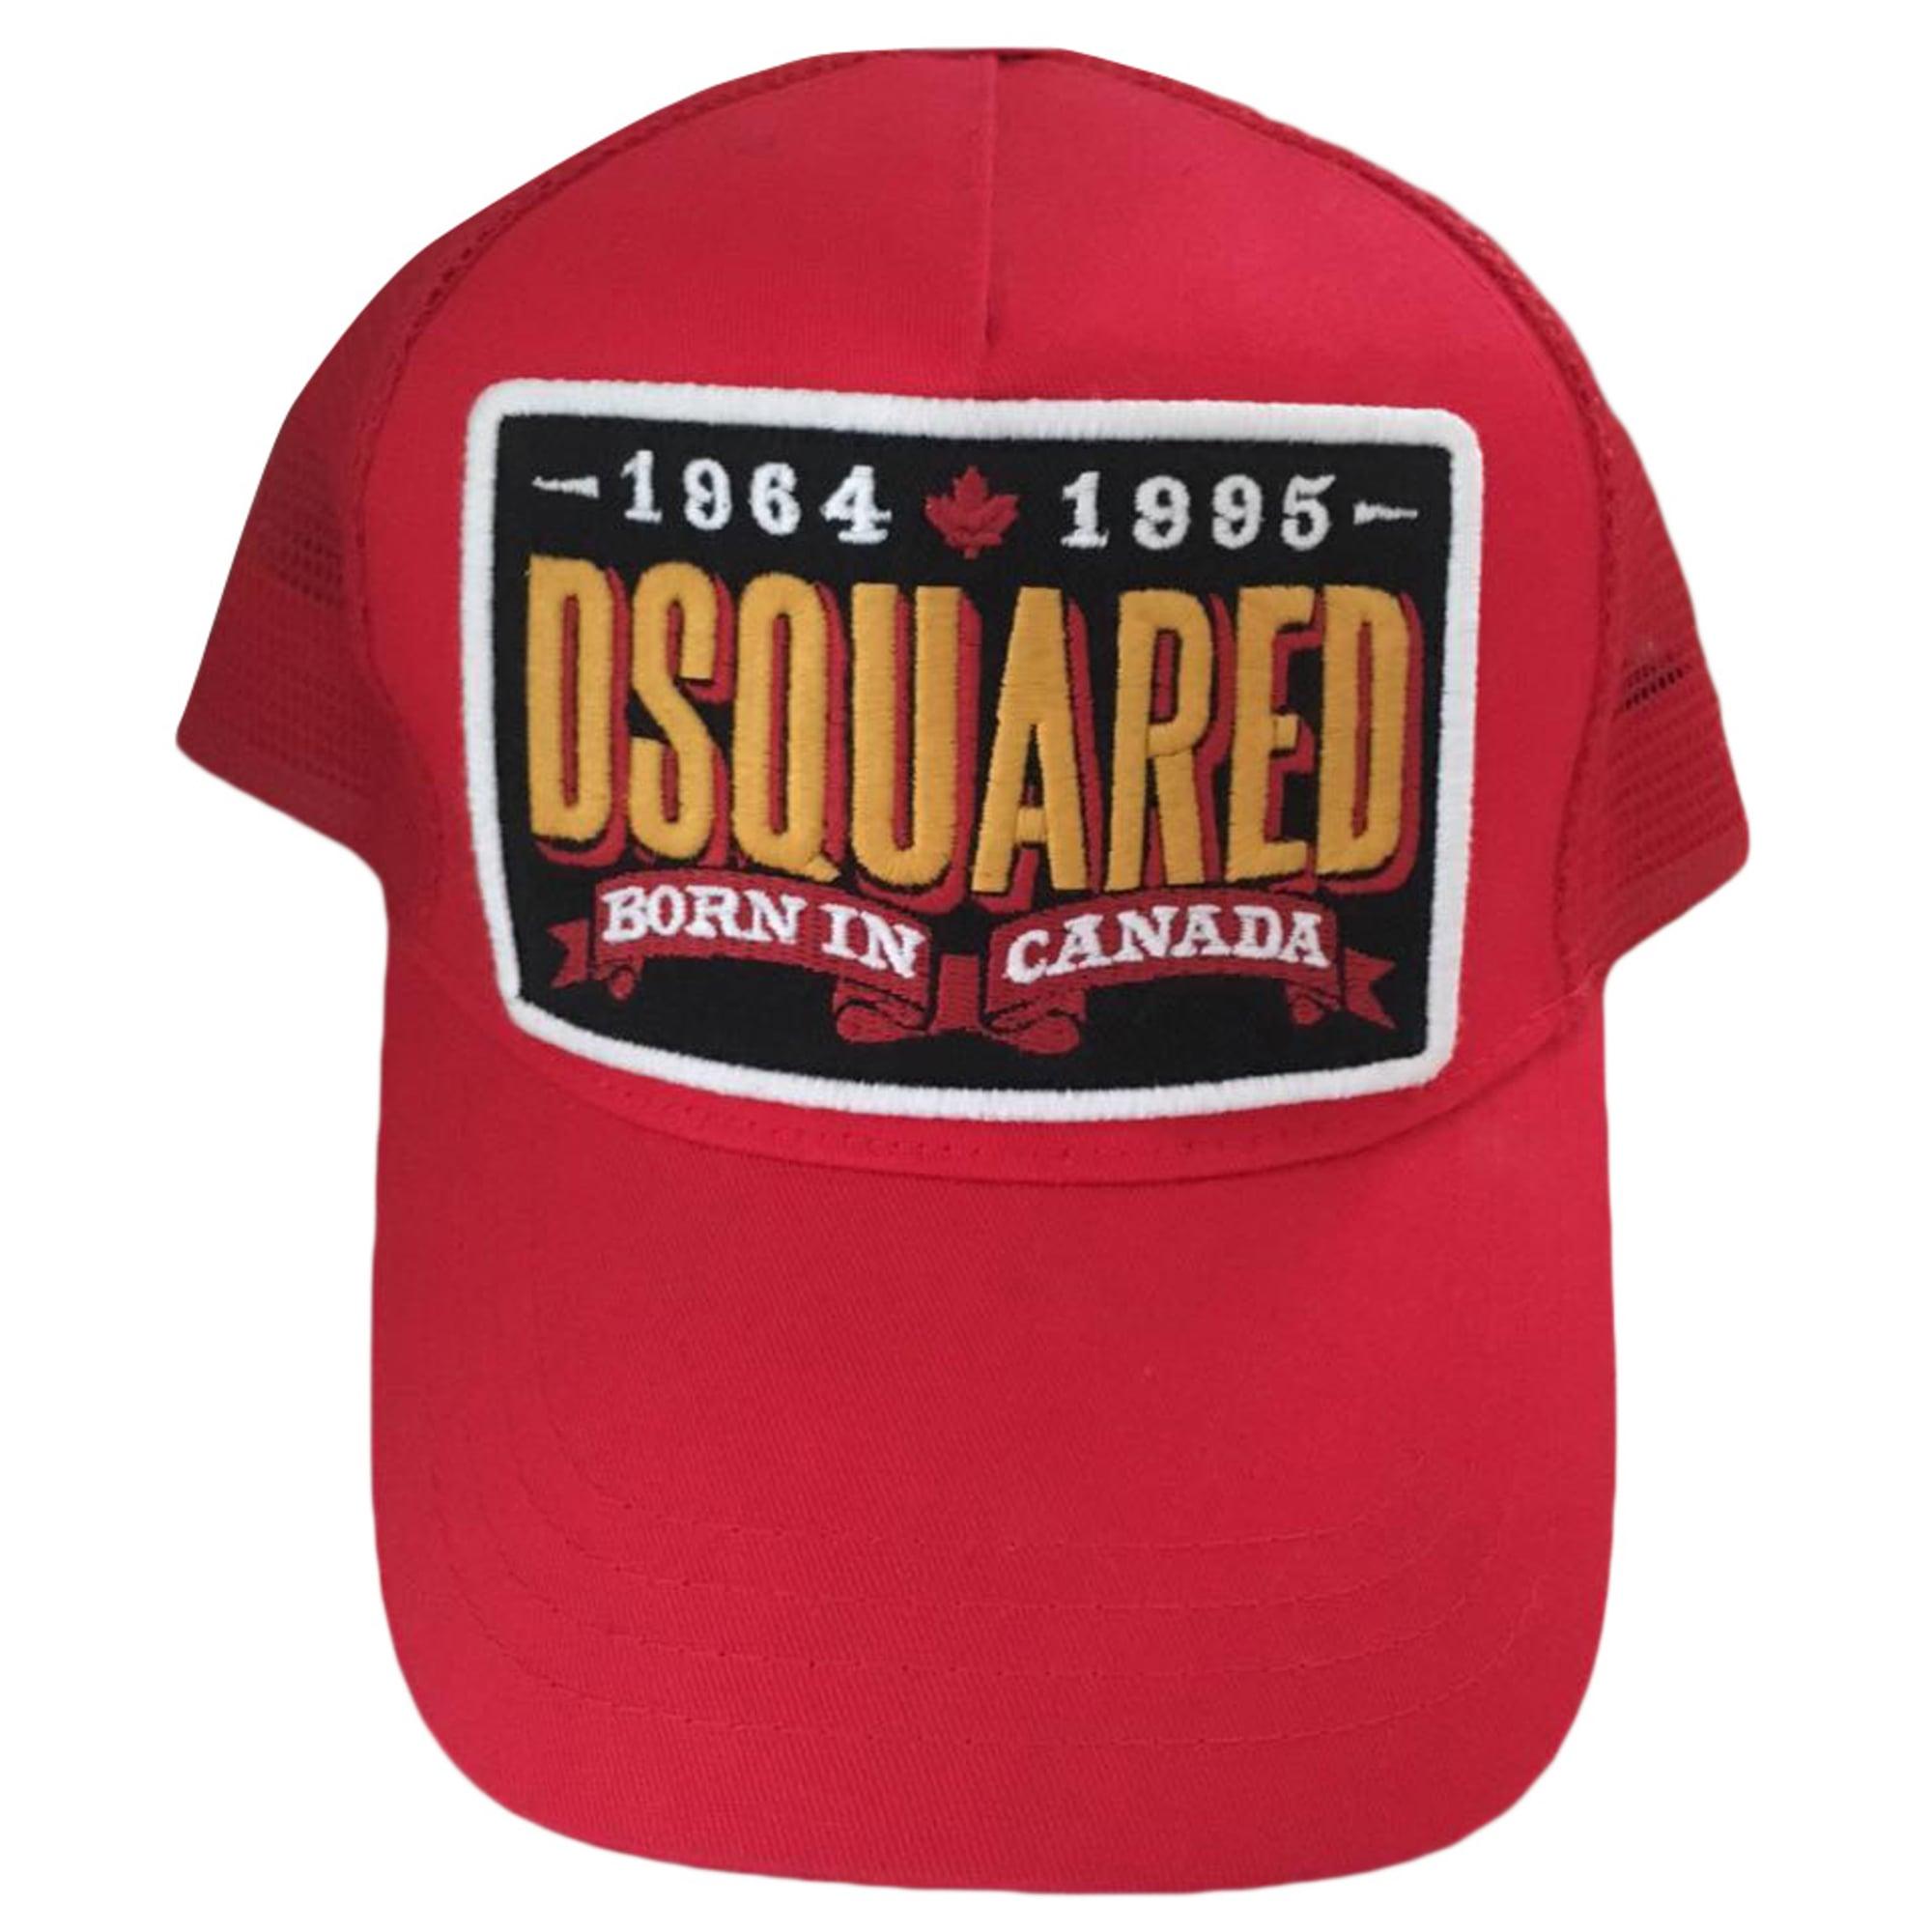 6e2f9d76b7c1 Casquette DSQUARED2 Taille unique rouge vendu par D ornella ll ...